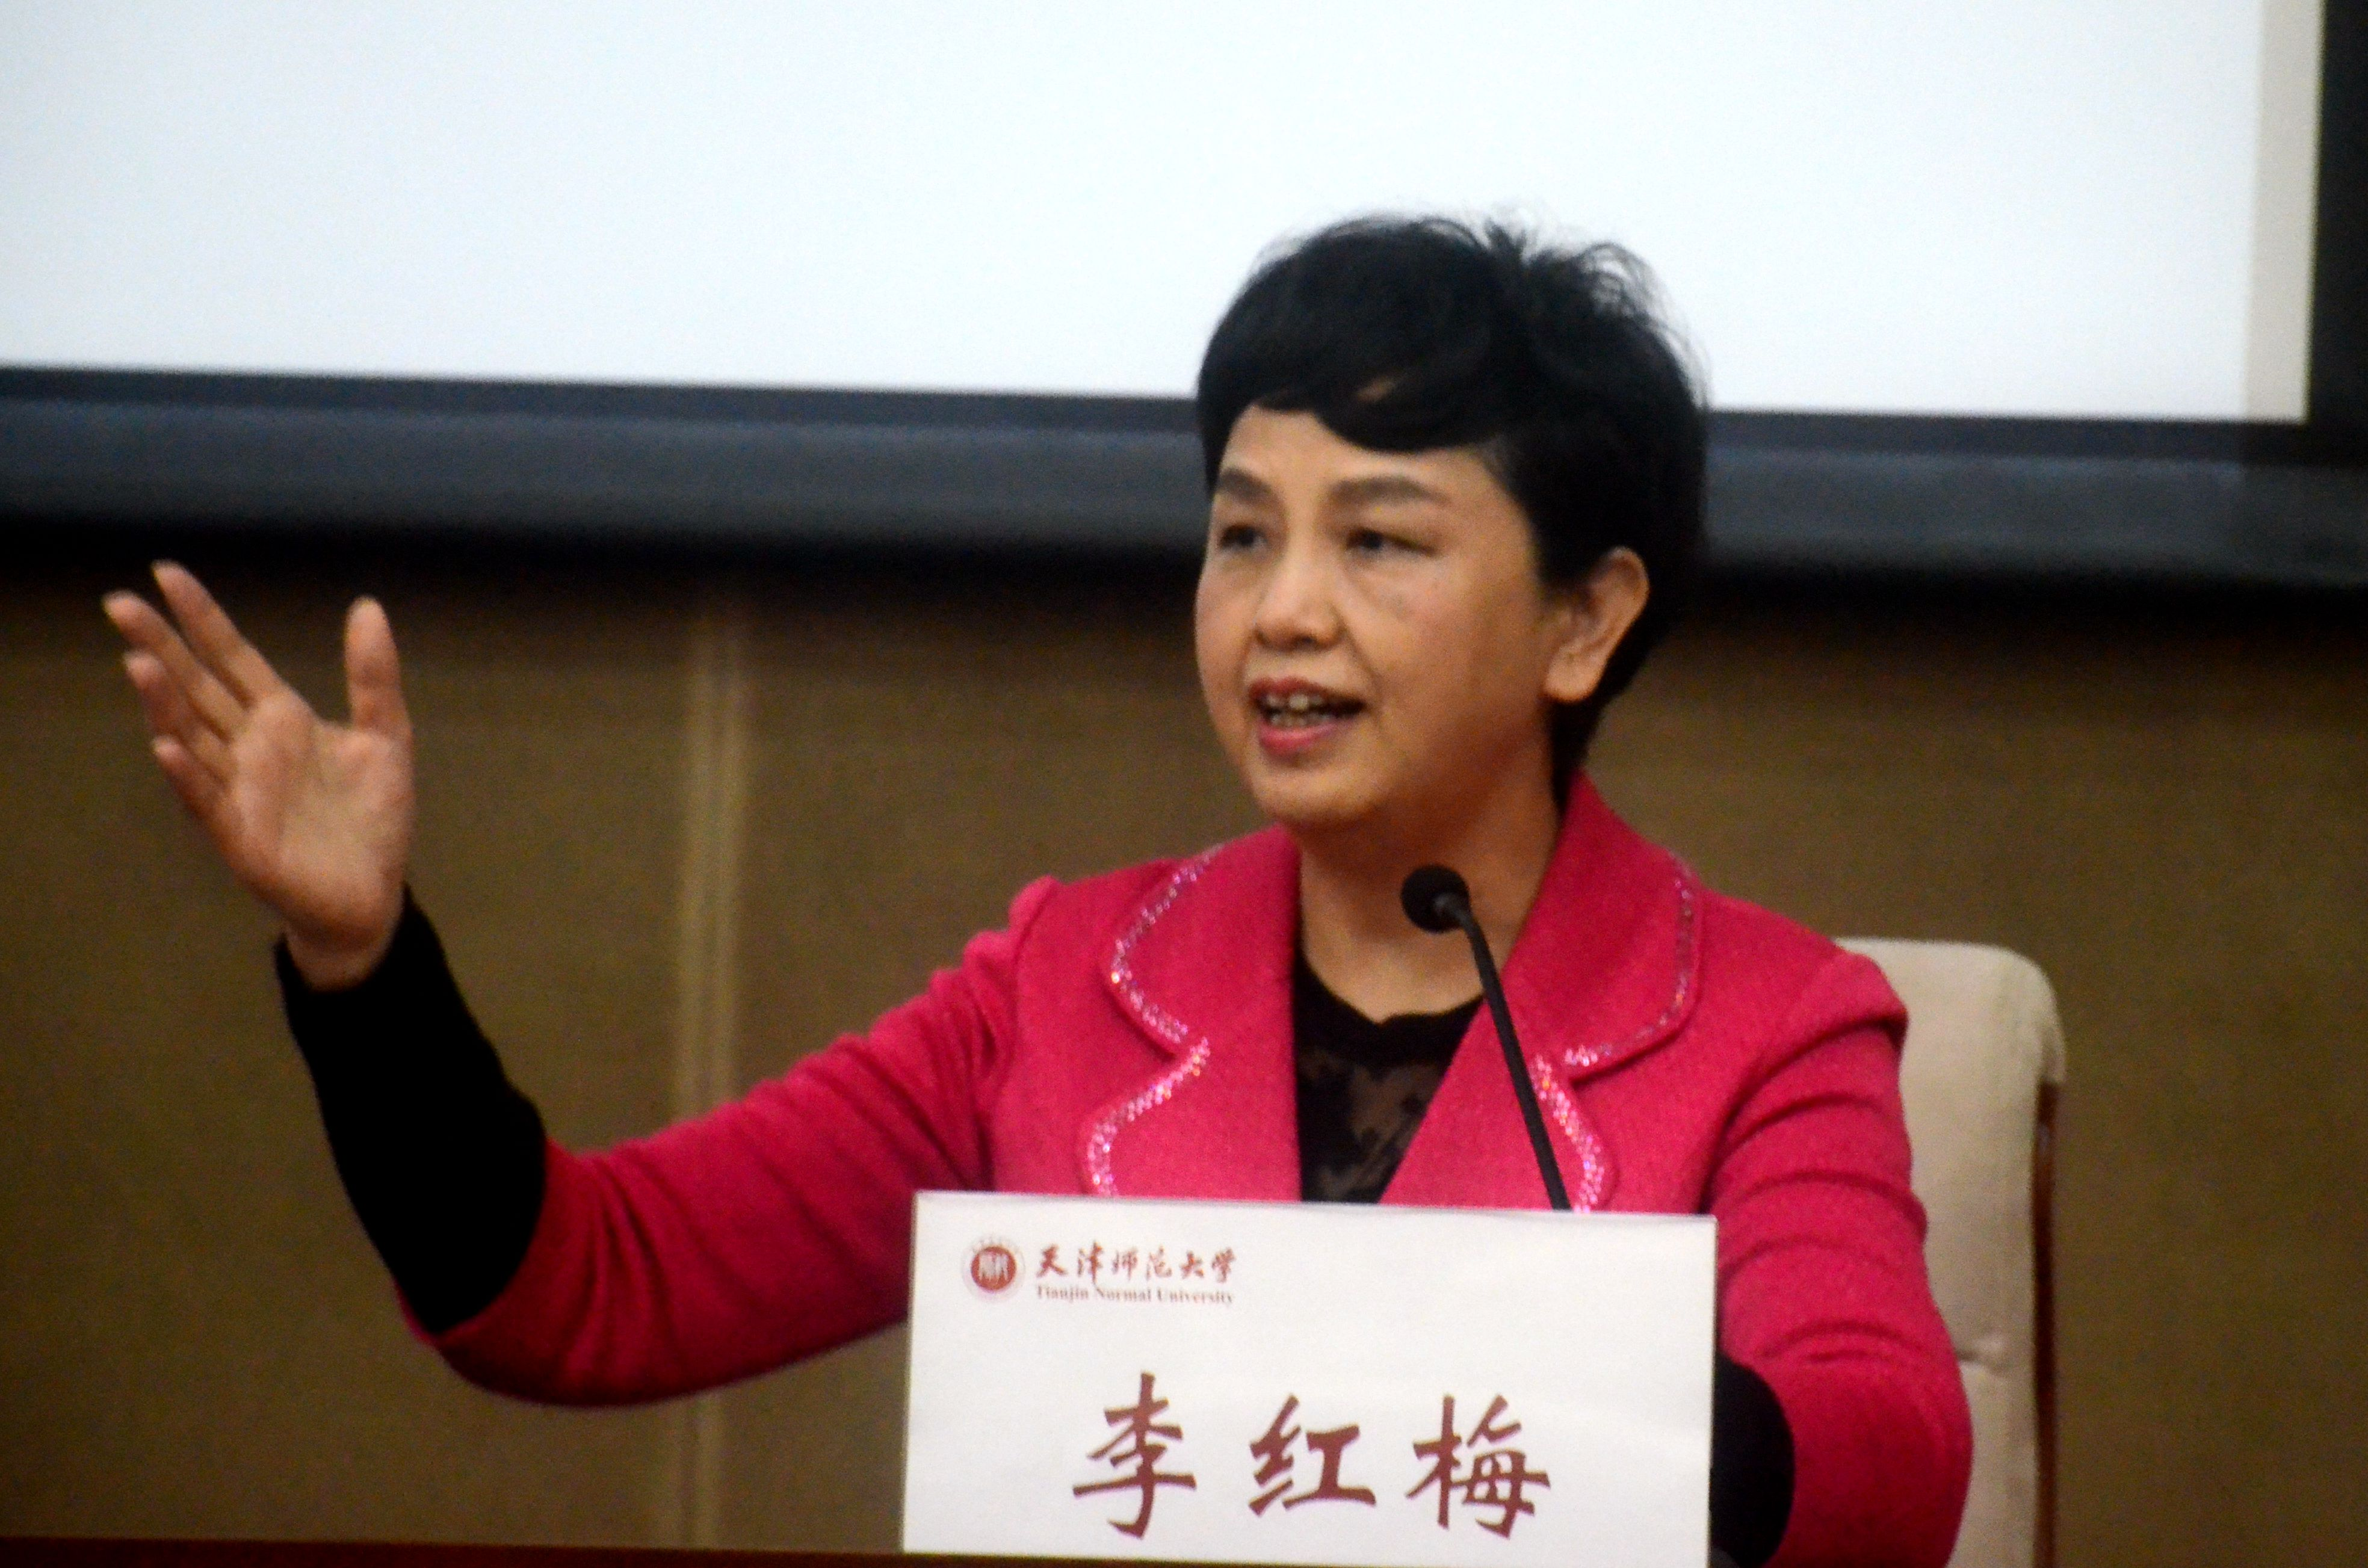 李红梅书记出席第十三届全国师范大学联席会议